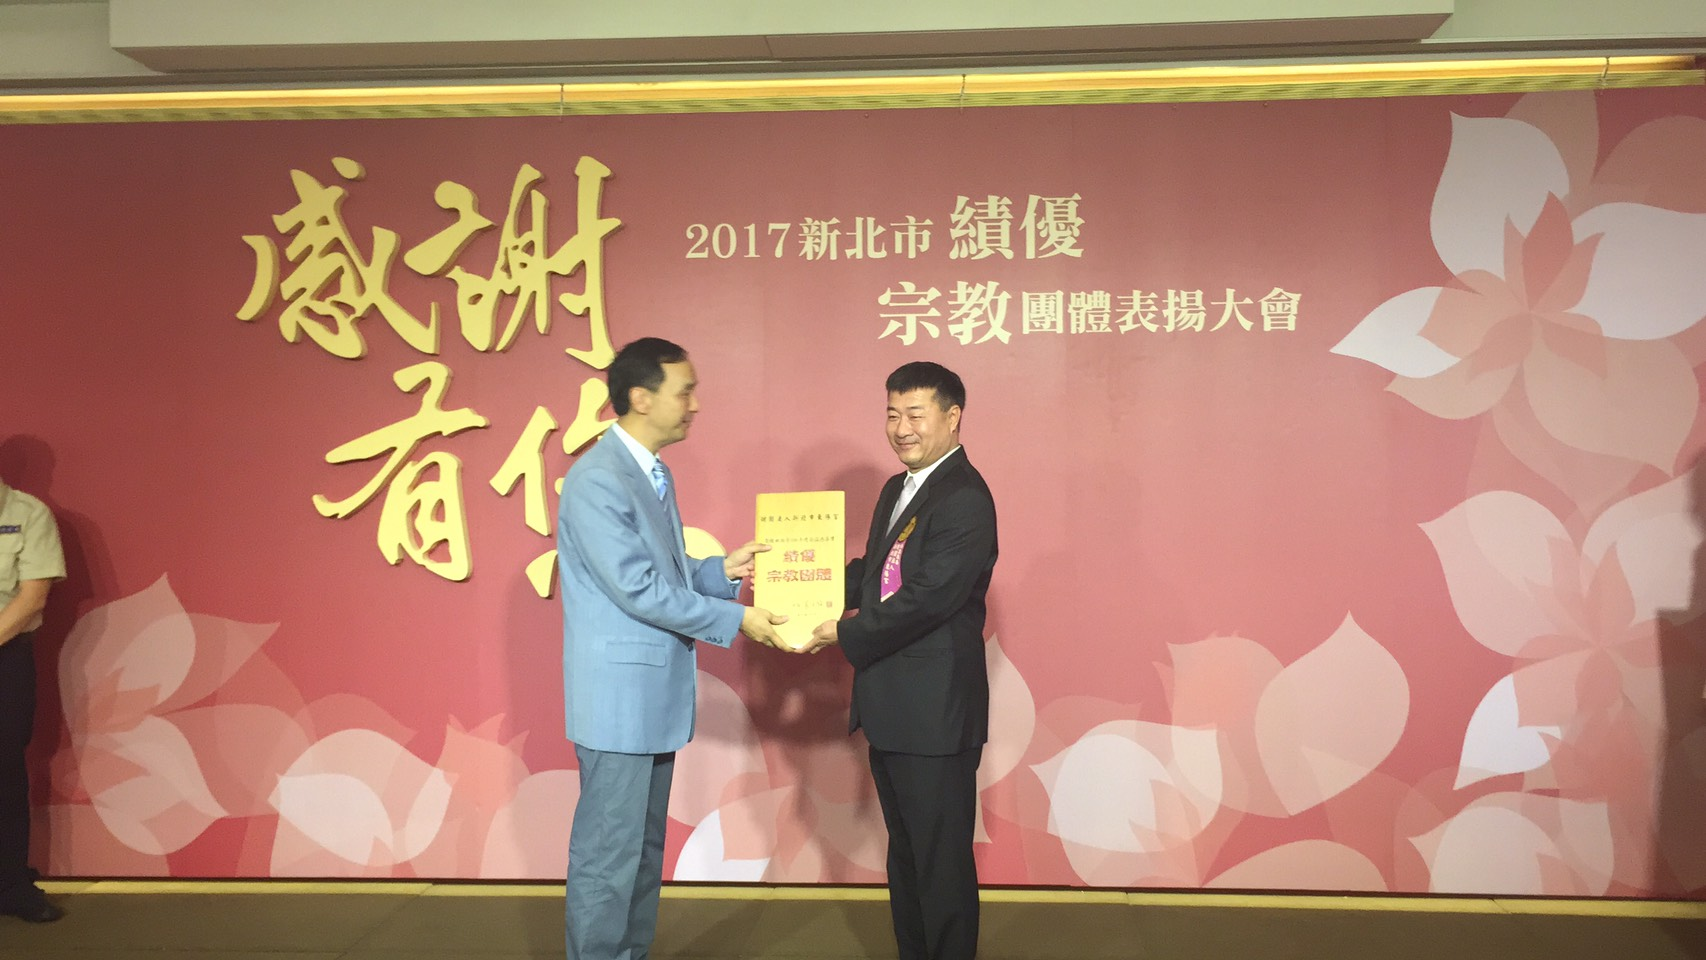 東陽宮榮獲106年度績優宗教團體公益慈善獎